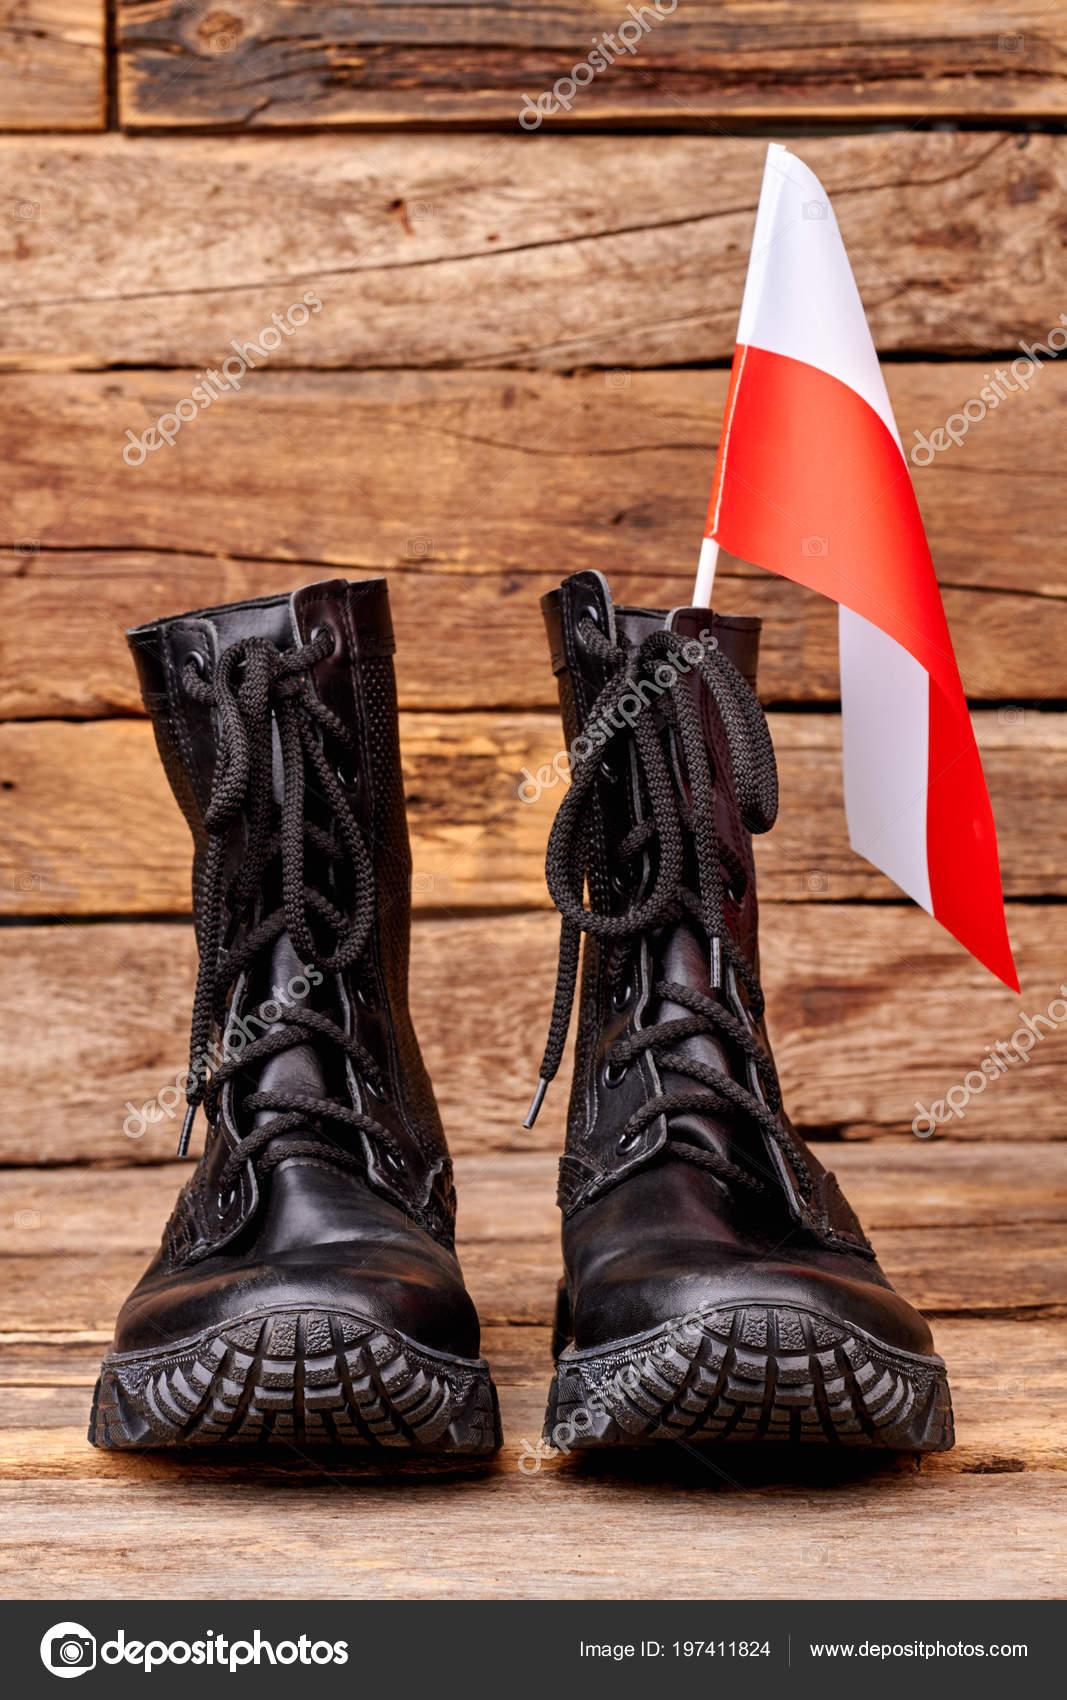 4d926b1c11b4 Bojové boty s vlajkou Polska. Polské vlajky a obuv. Dřevěné pozadí —  Fotografie od ...